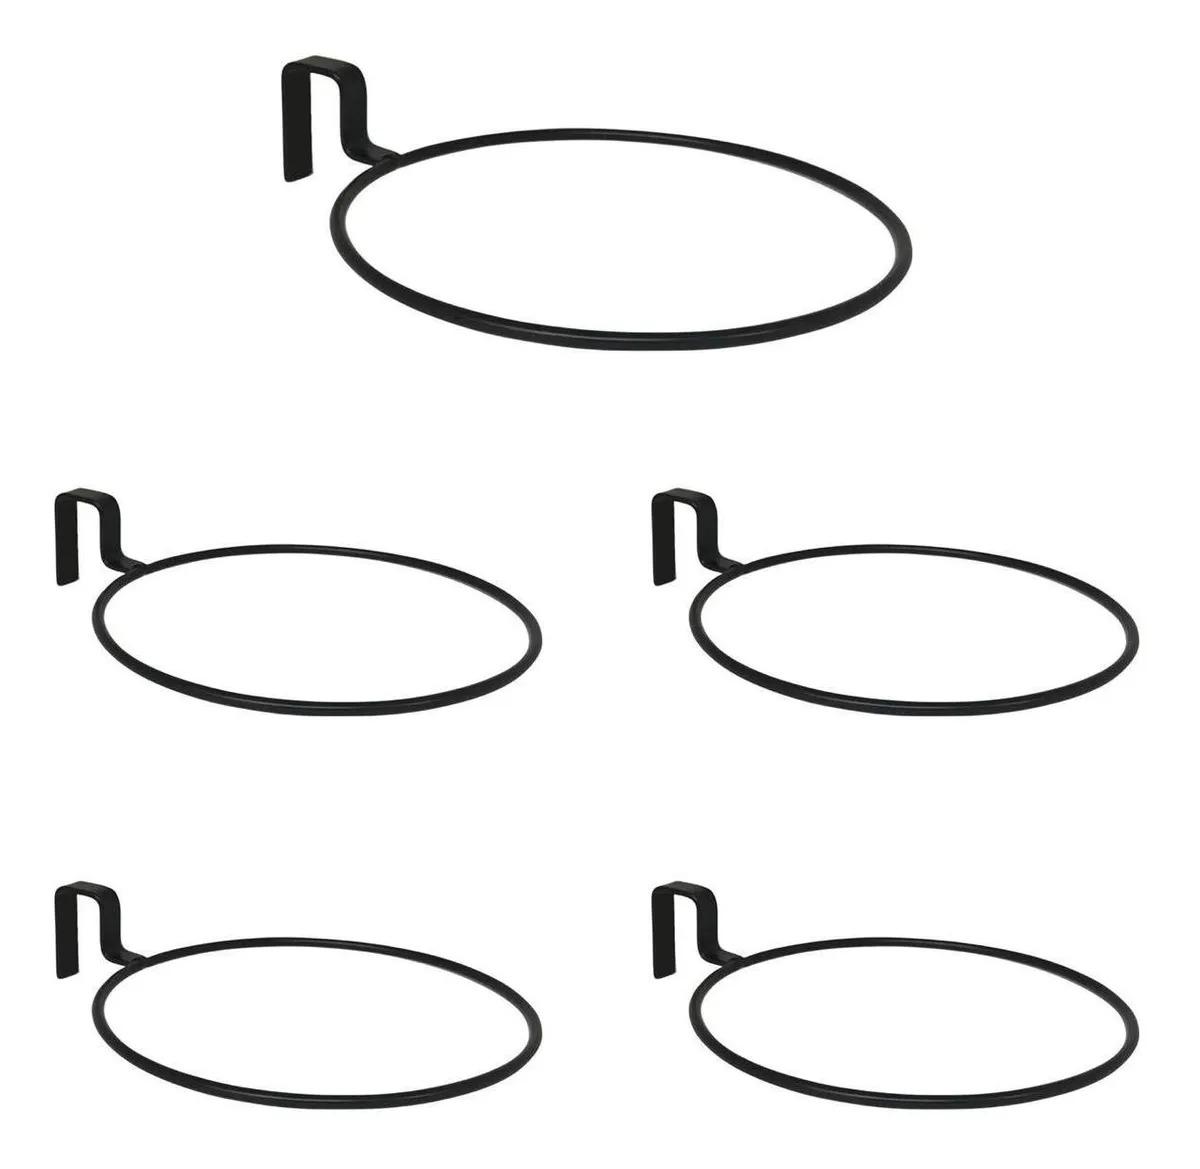 5 Suporte Anel Raiz 21 cm Treliça Vaso Auto Irrigável Preto Vasos N04